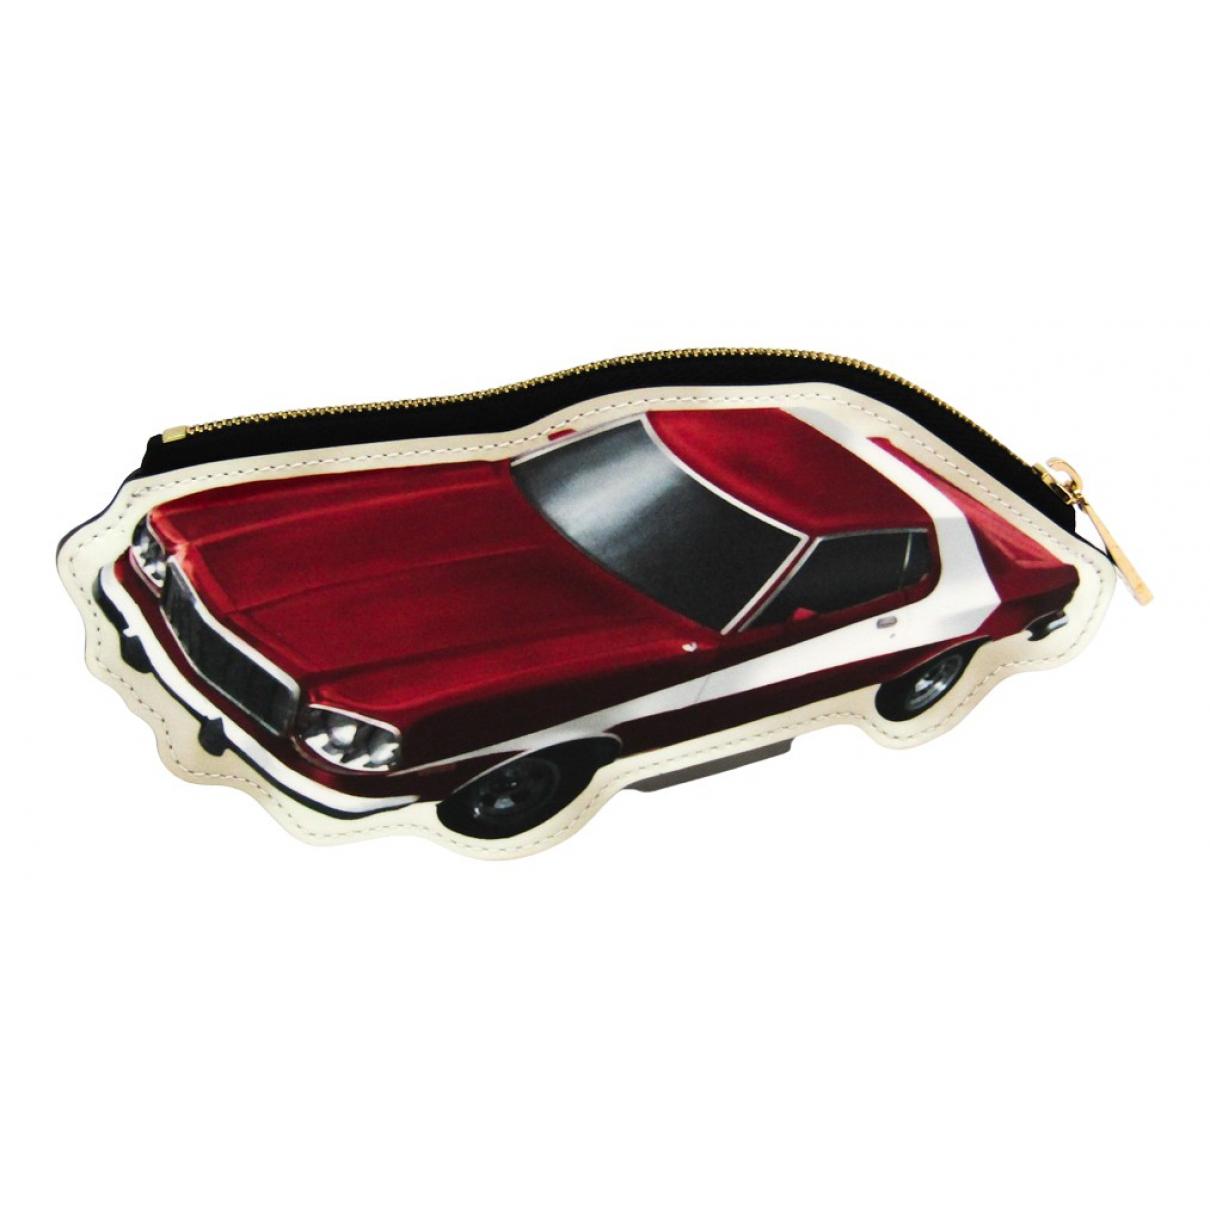 Louis Vuitton N Multicolour Patent leather wallet for Women N